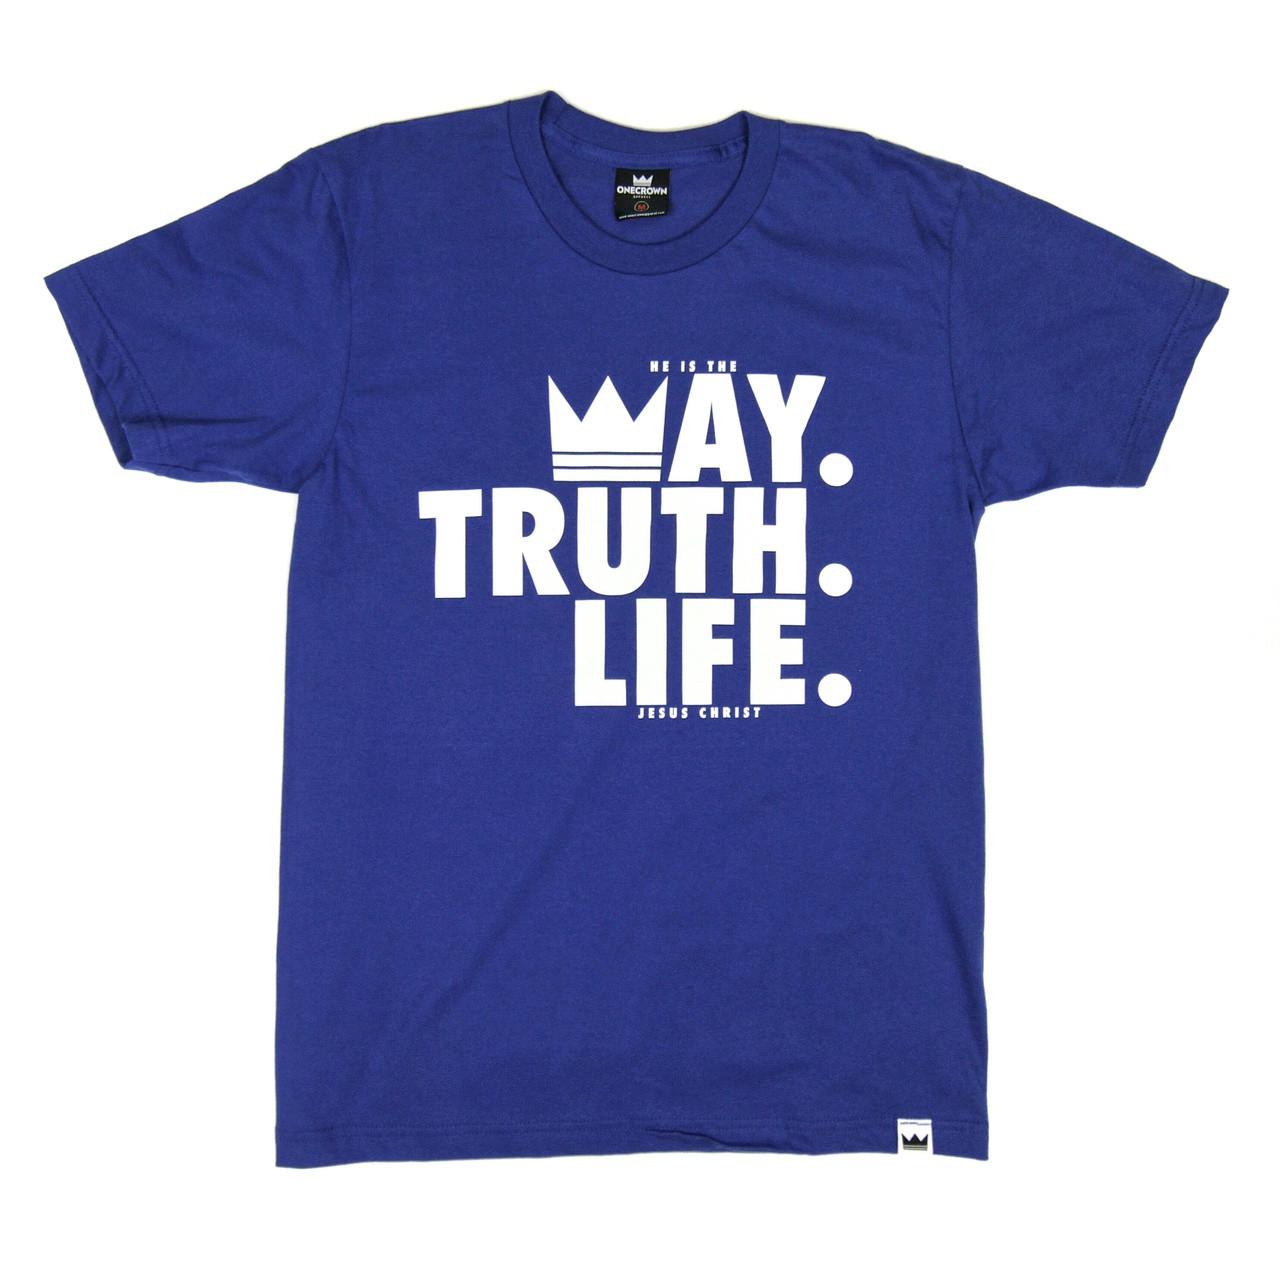 Way Truth Life - Tee